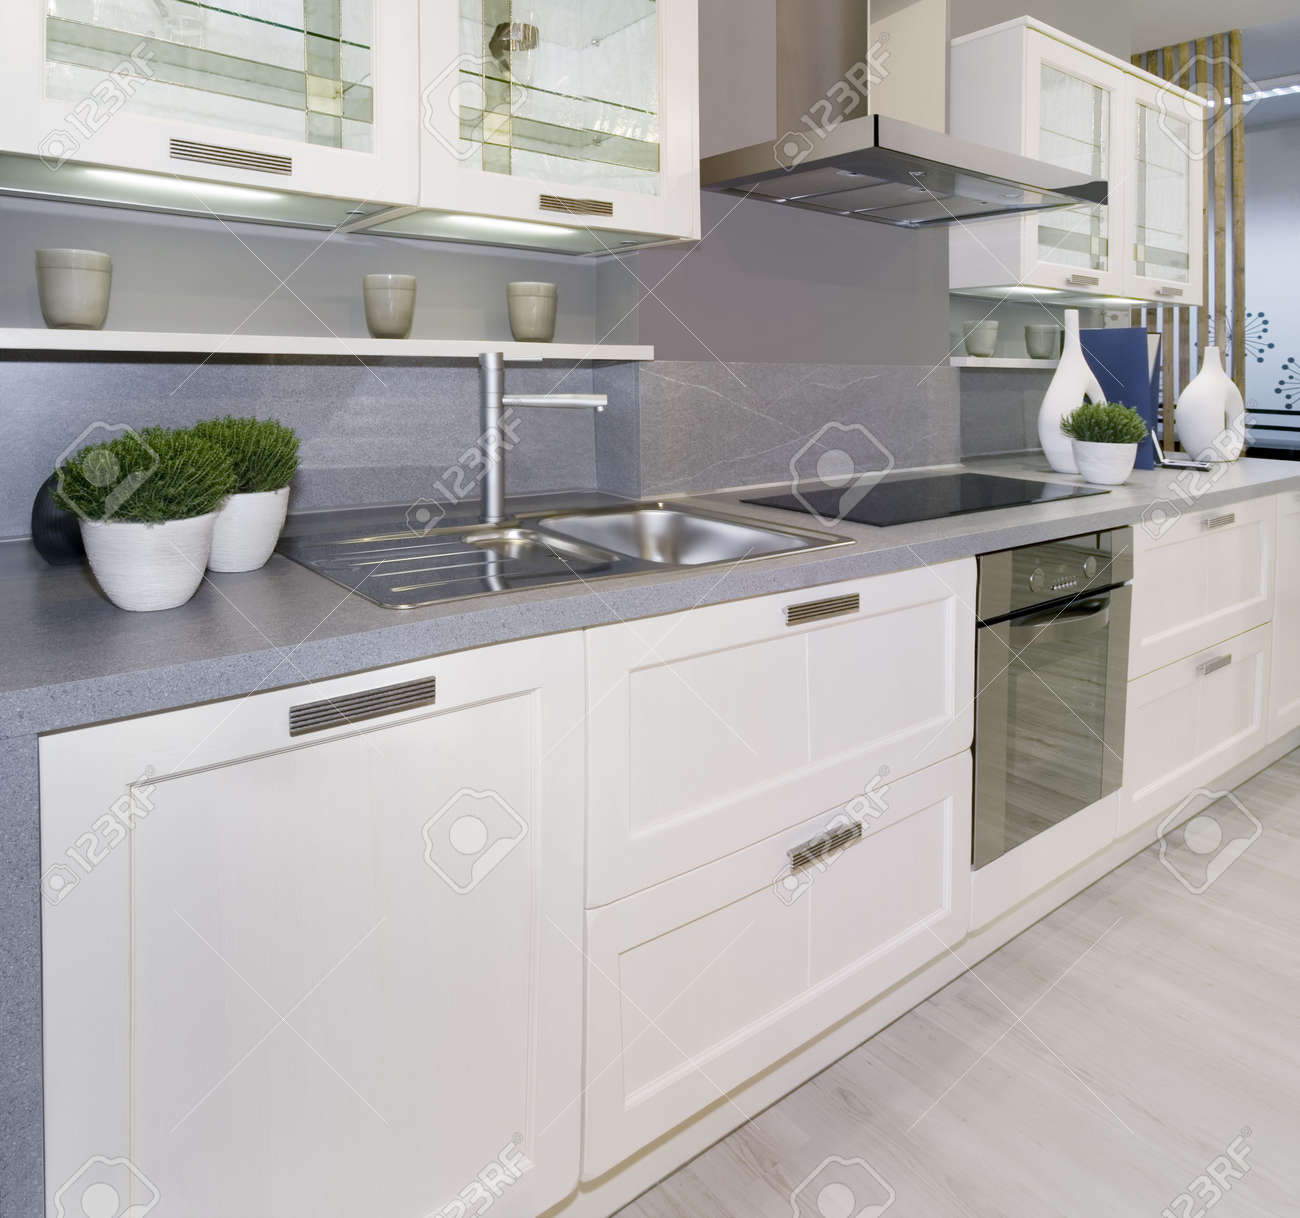 Cucina Moderna Bianca. Cucina Moderna Bianca Su Misura Ratoci ...